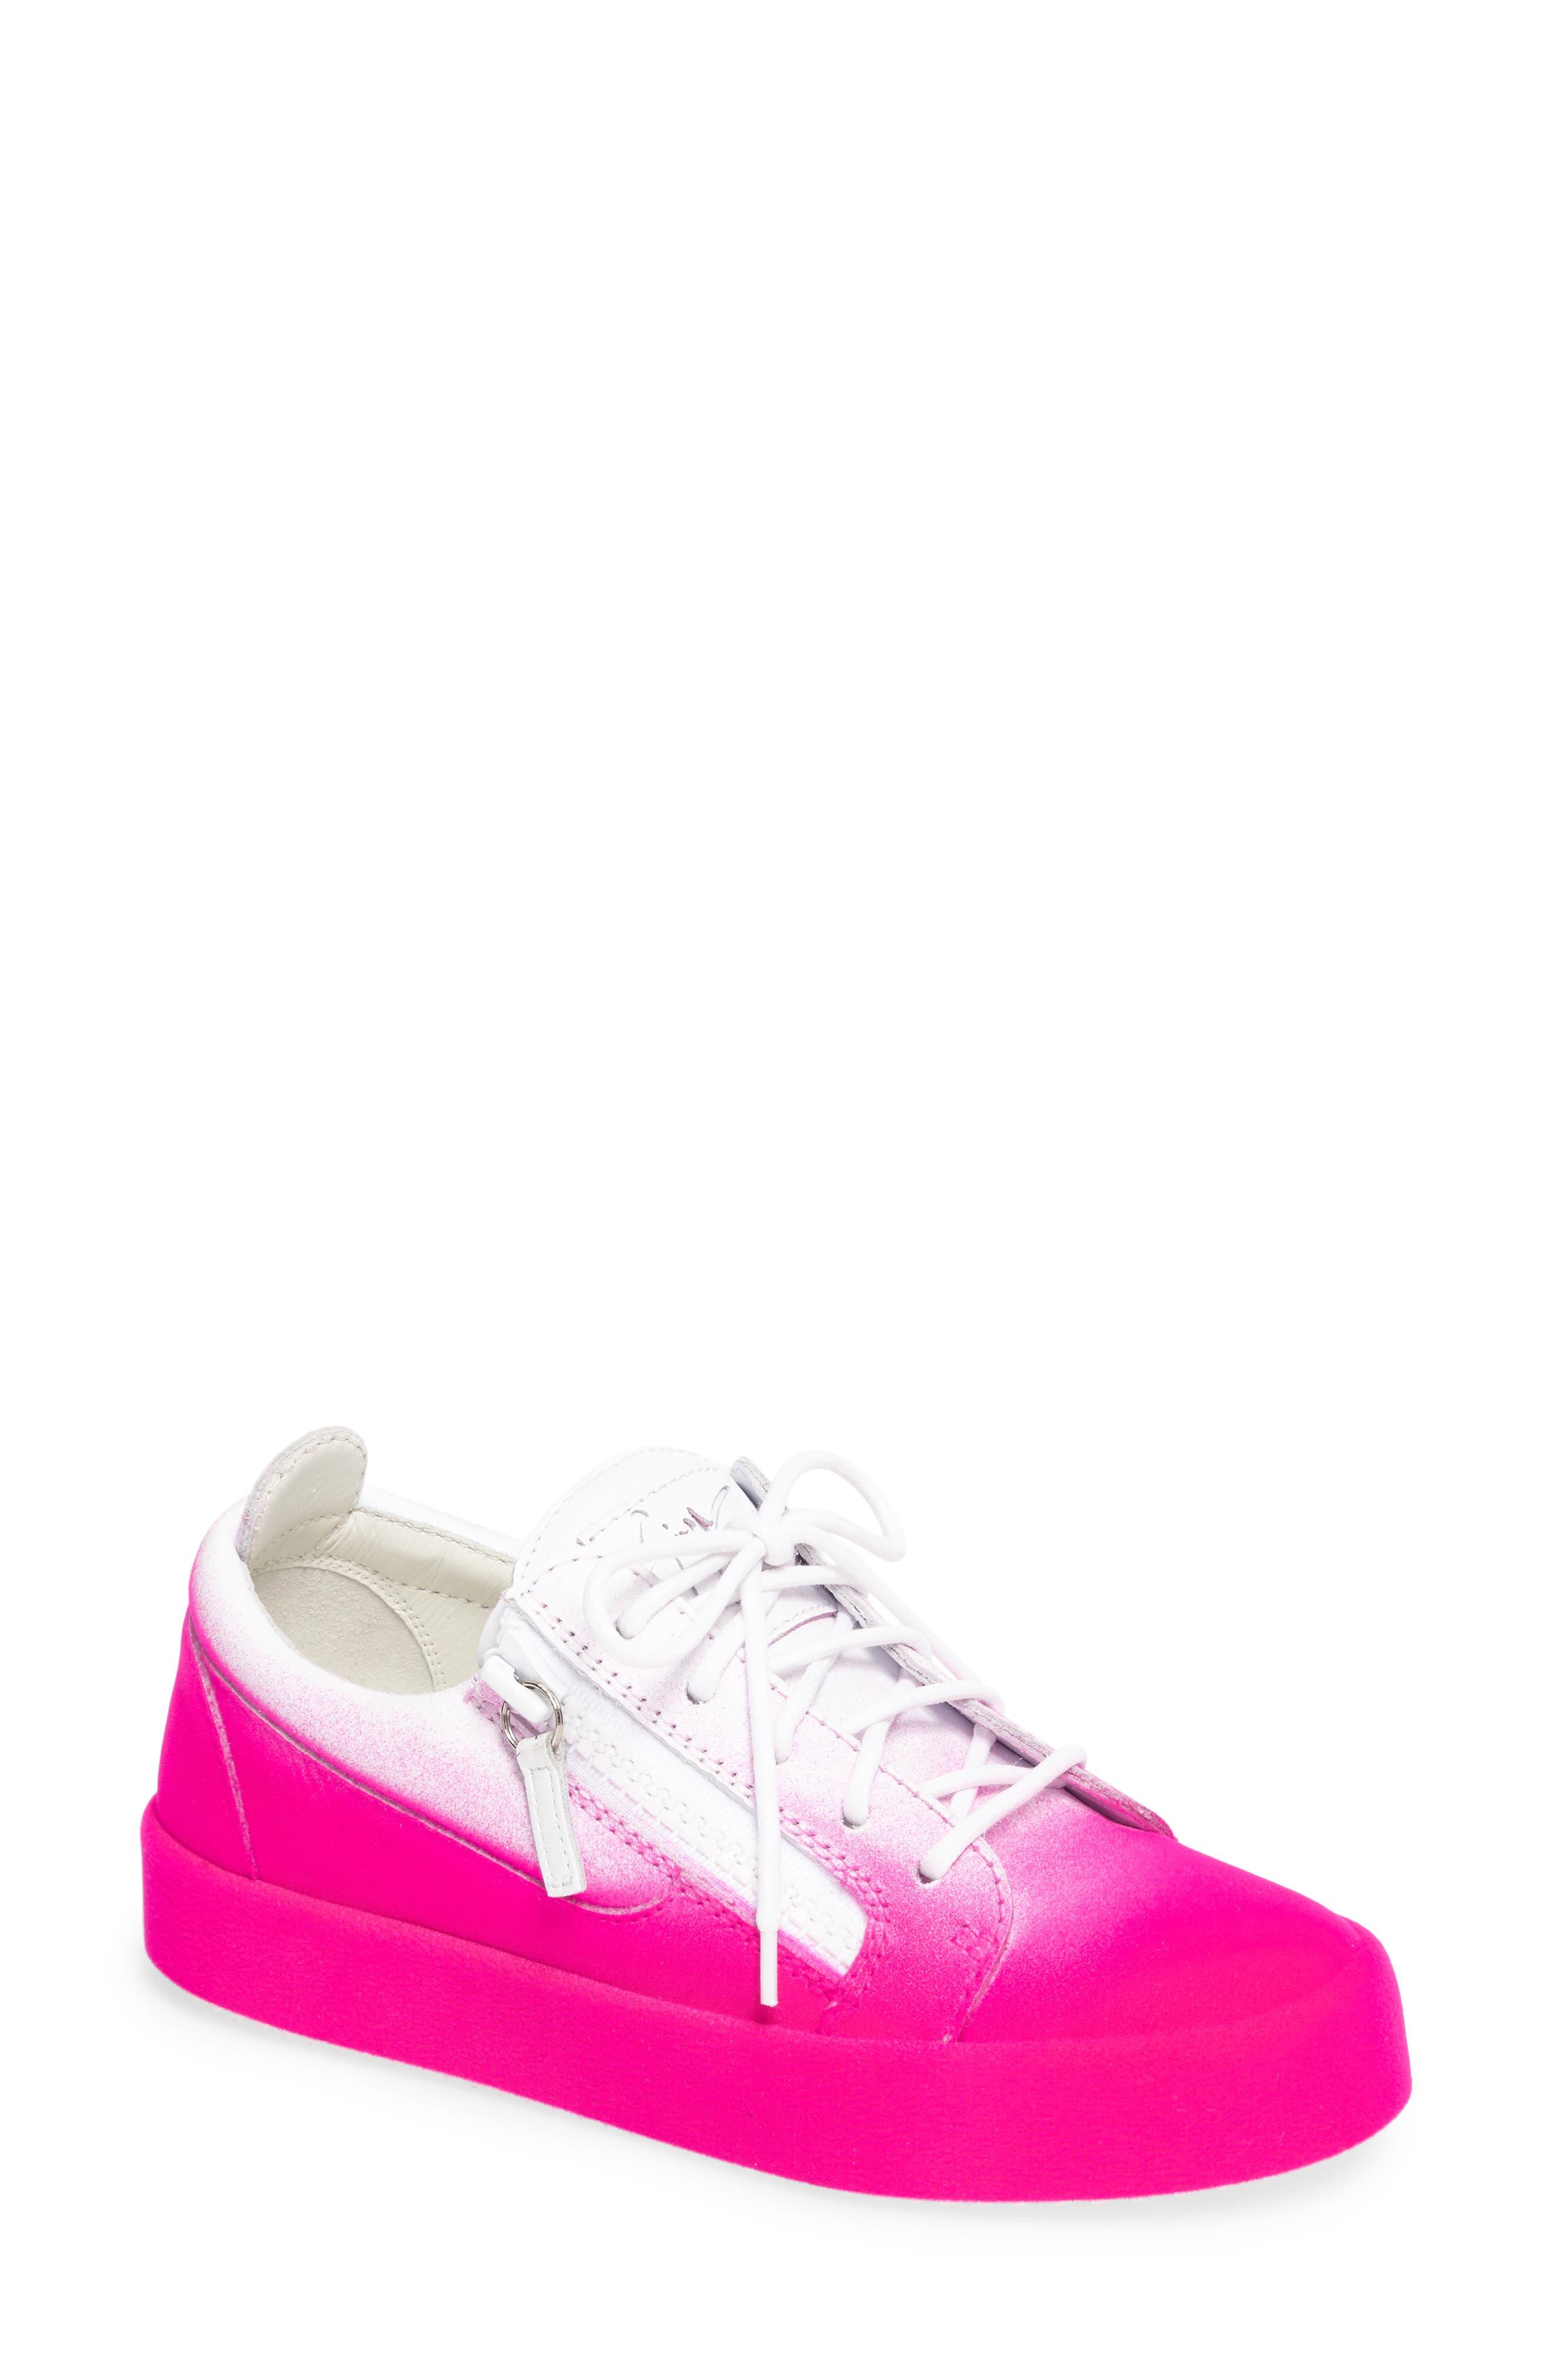 May London Low Top Sneaker,                         Main,                         color,